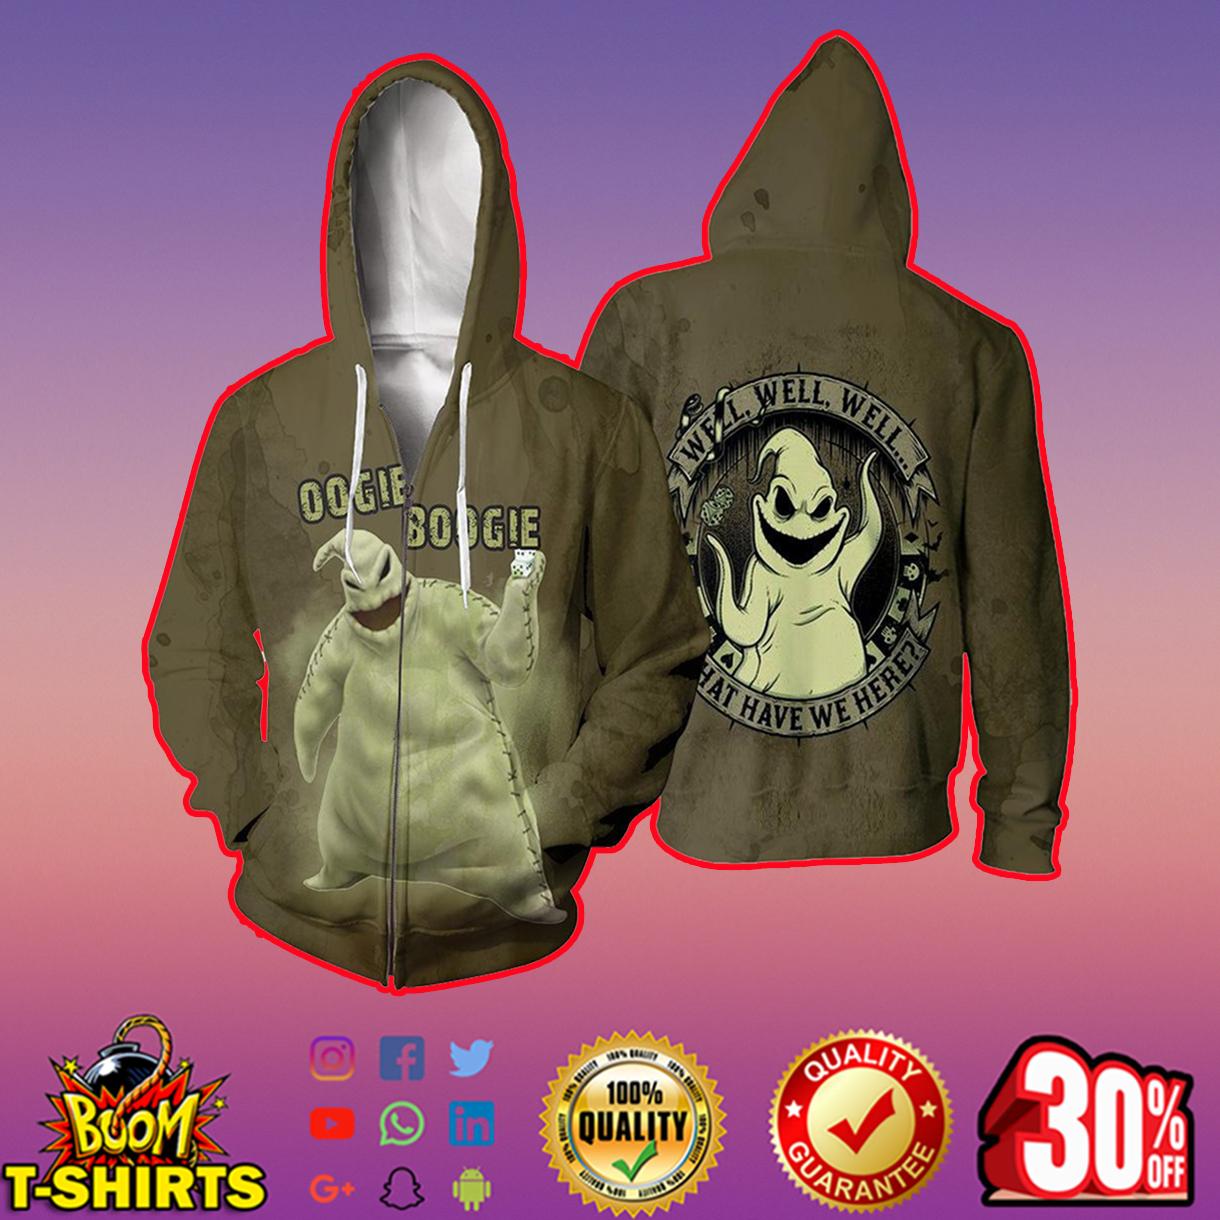 Oogie Boogie 3d shirt, 3d hoodie - zip hoodie 3d